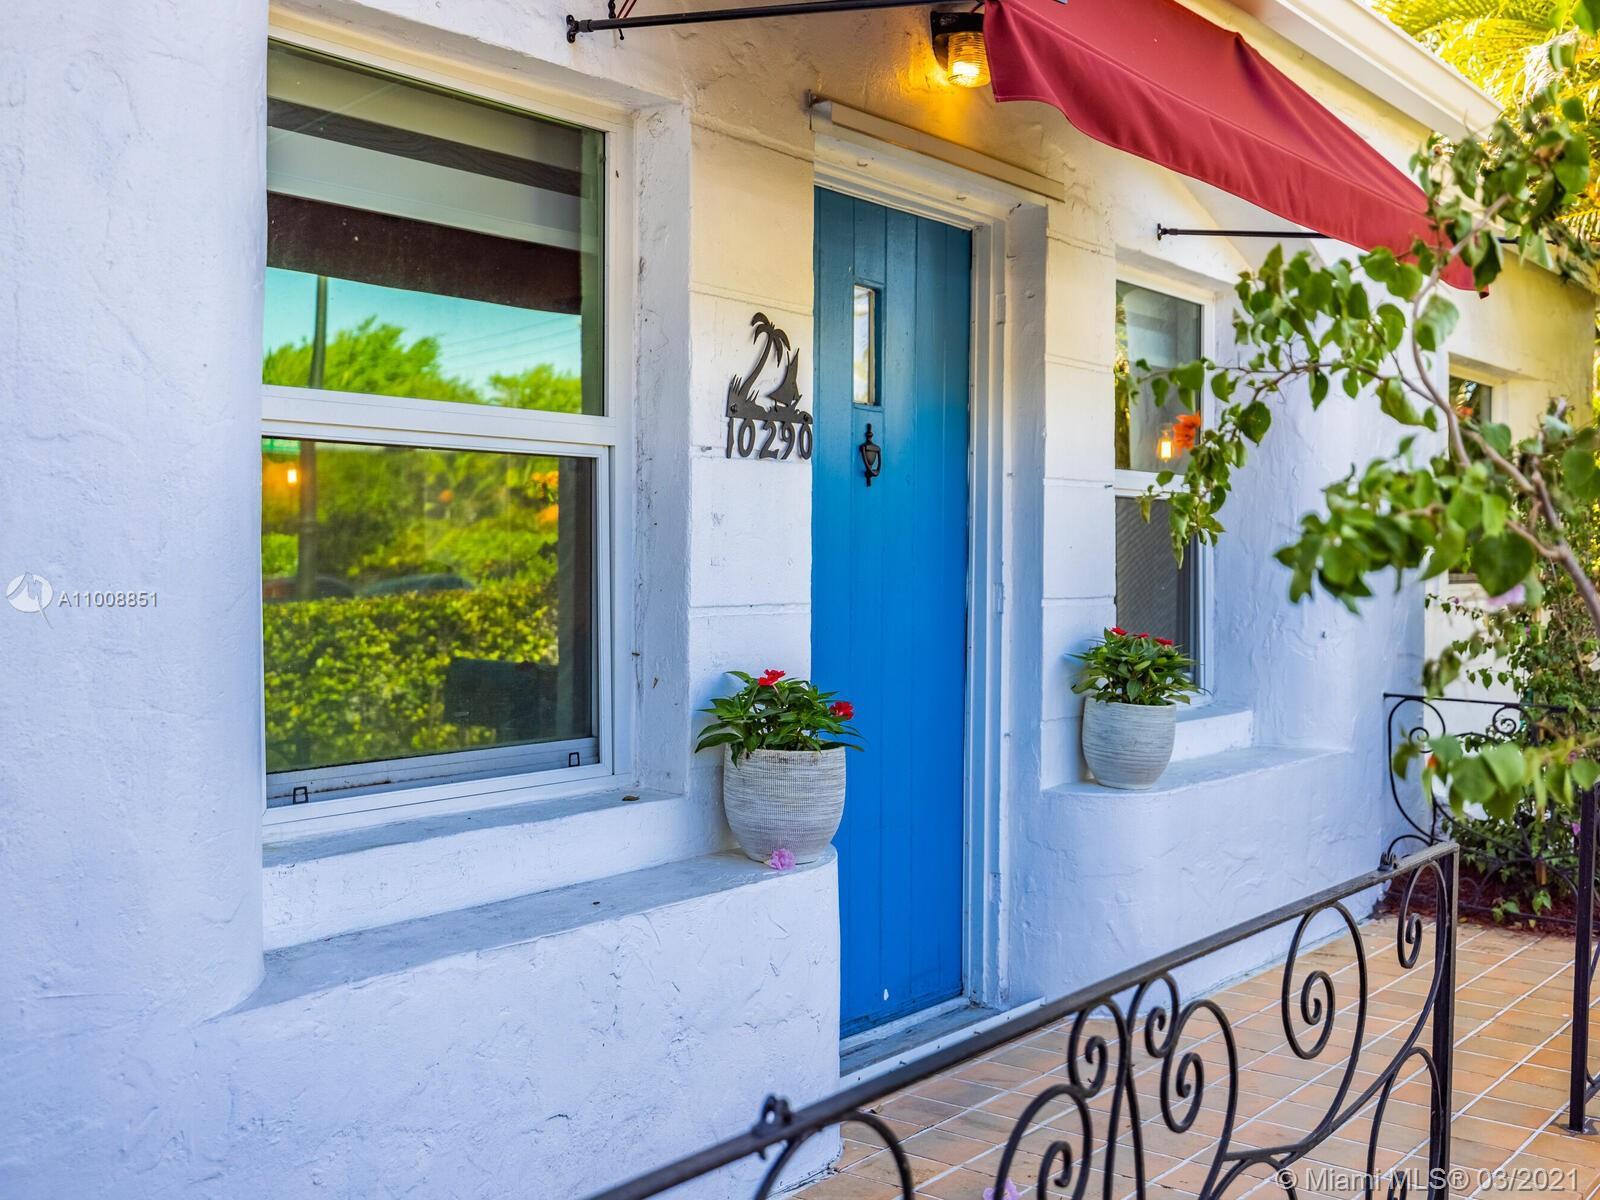 Miami Shores - 10290 N Miami Ave, Miami Shores, FL 33150